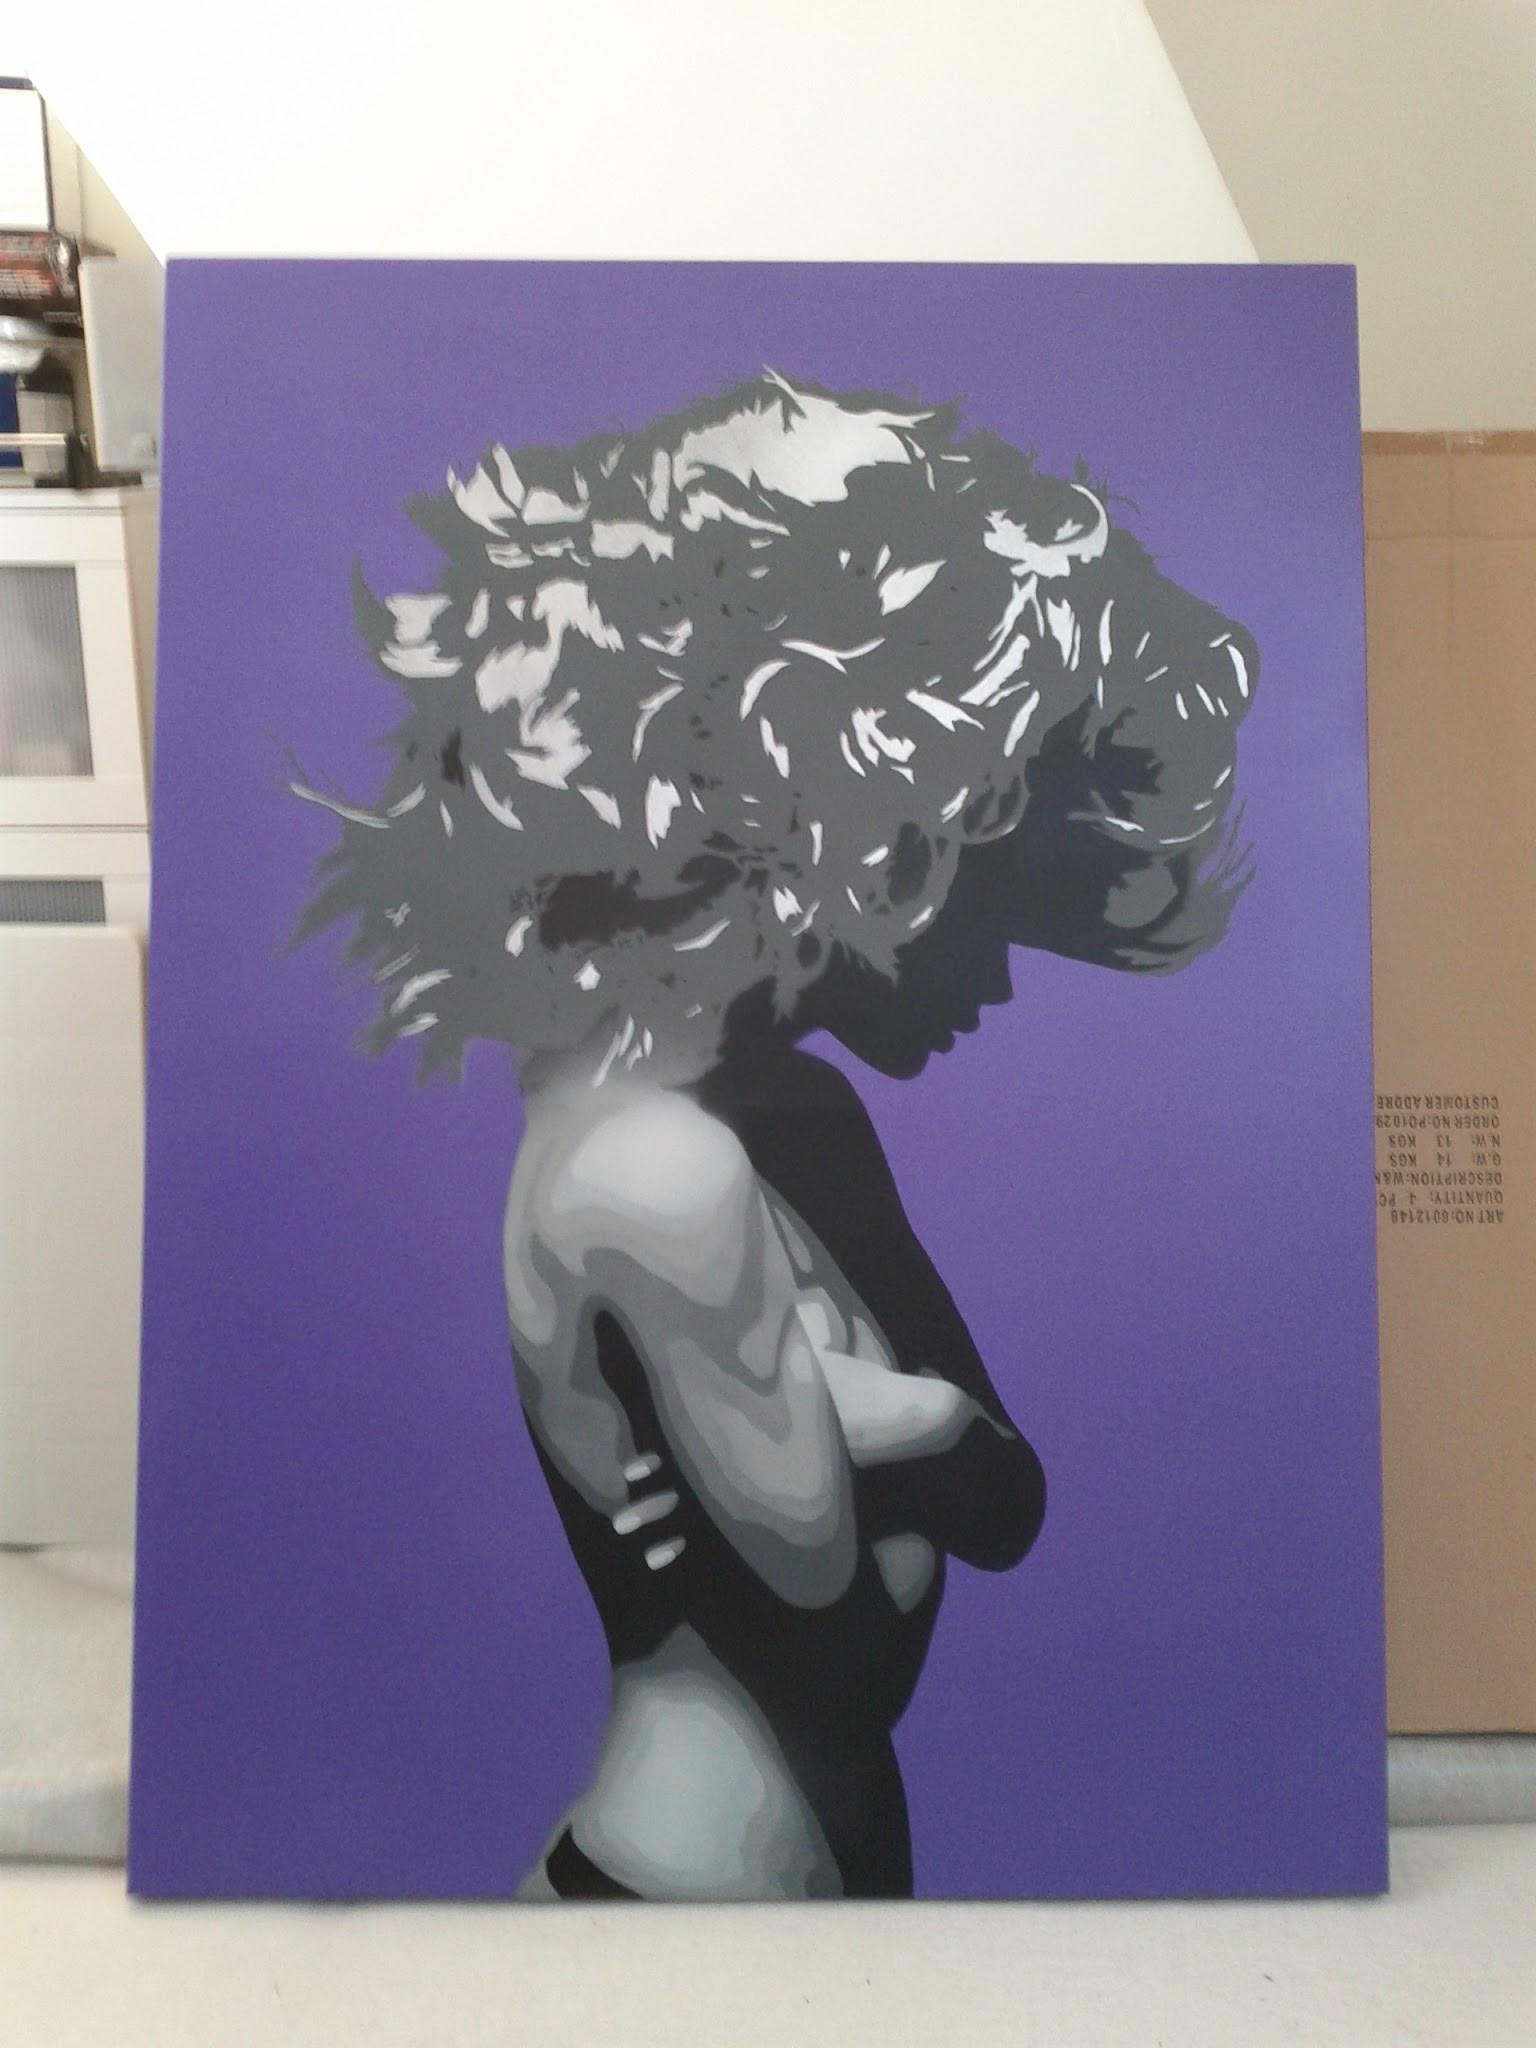 Bungle - Silk or Satin VioletSilver Canv